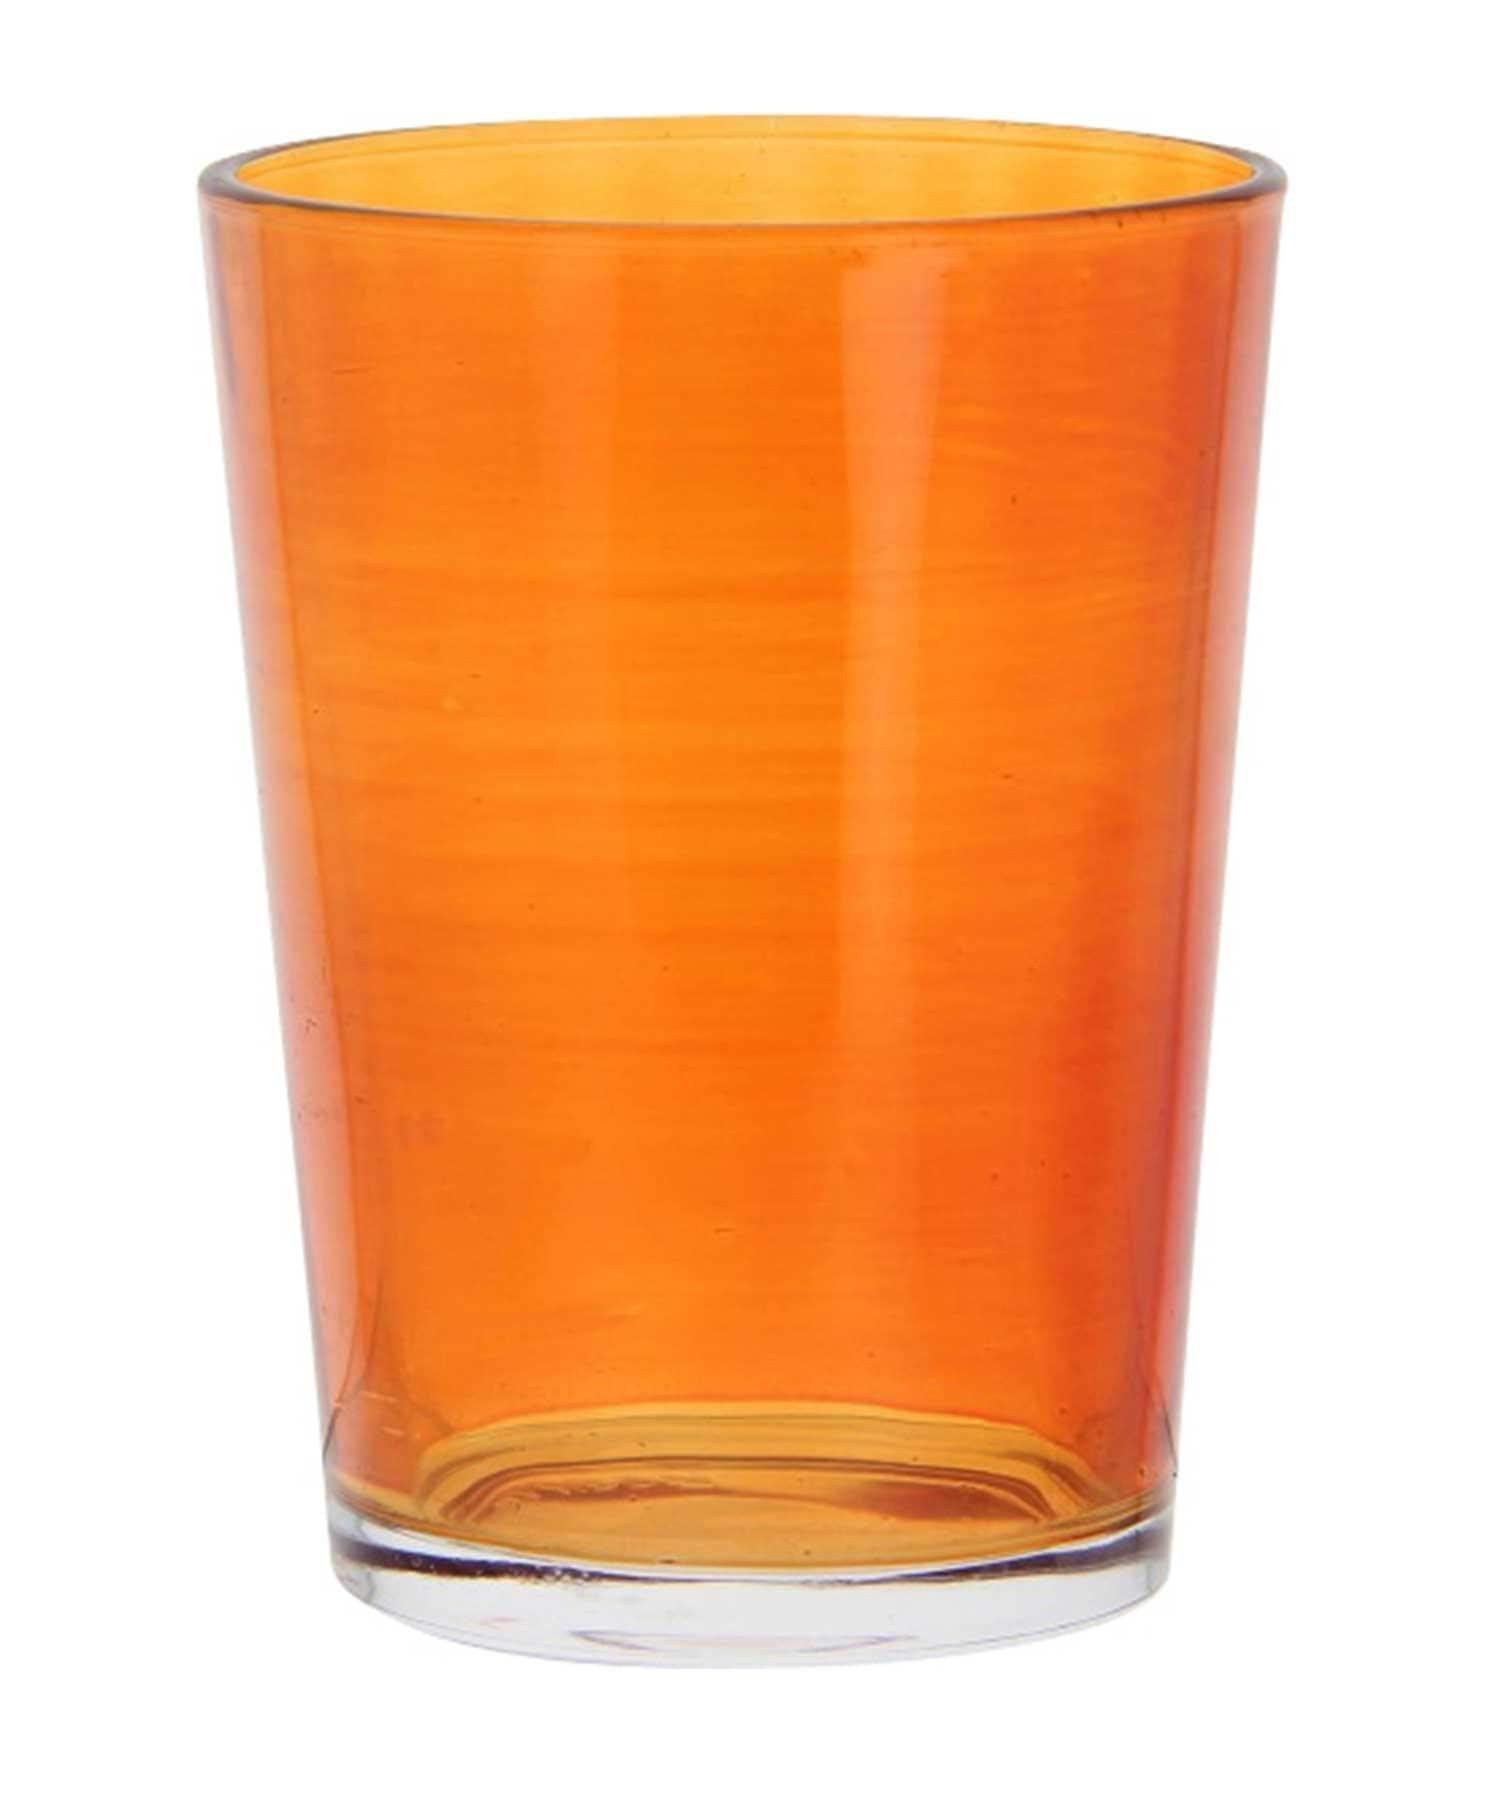 CIAOPANIC TYPY(チャオパニックティピー) ライフスタイル 【aamu-アーム】オレンジグラスM オレンジ